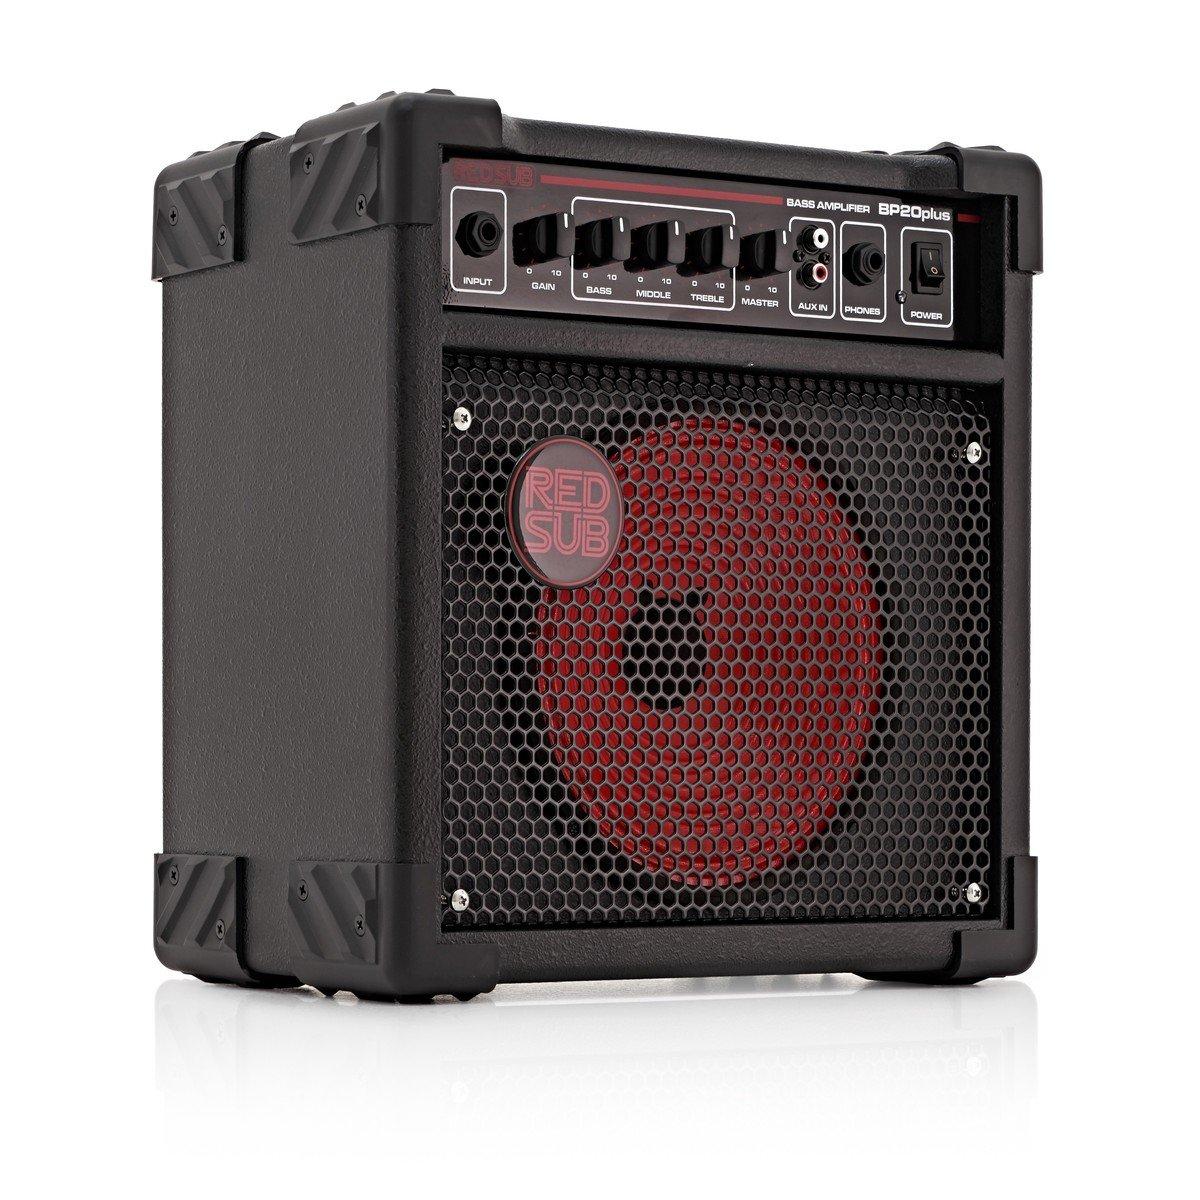 RedSub BP20plus Amplificador de Bajo 20 W: Amazon.es: Instrumentos musicales